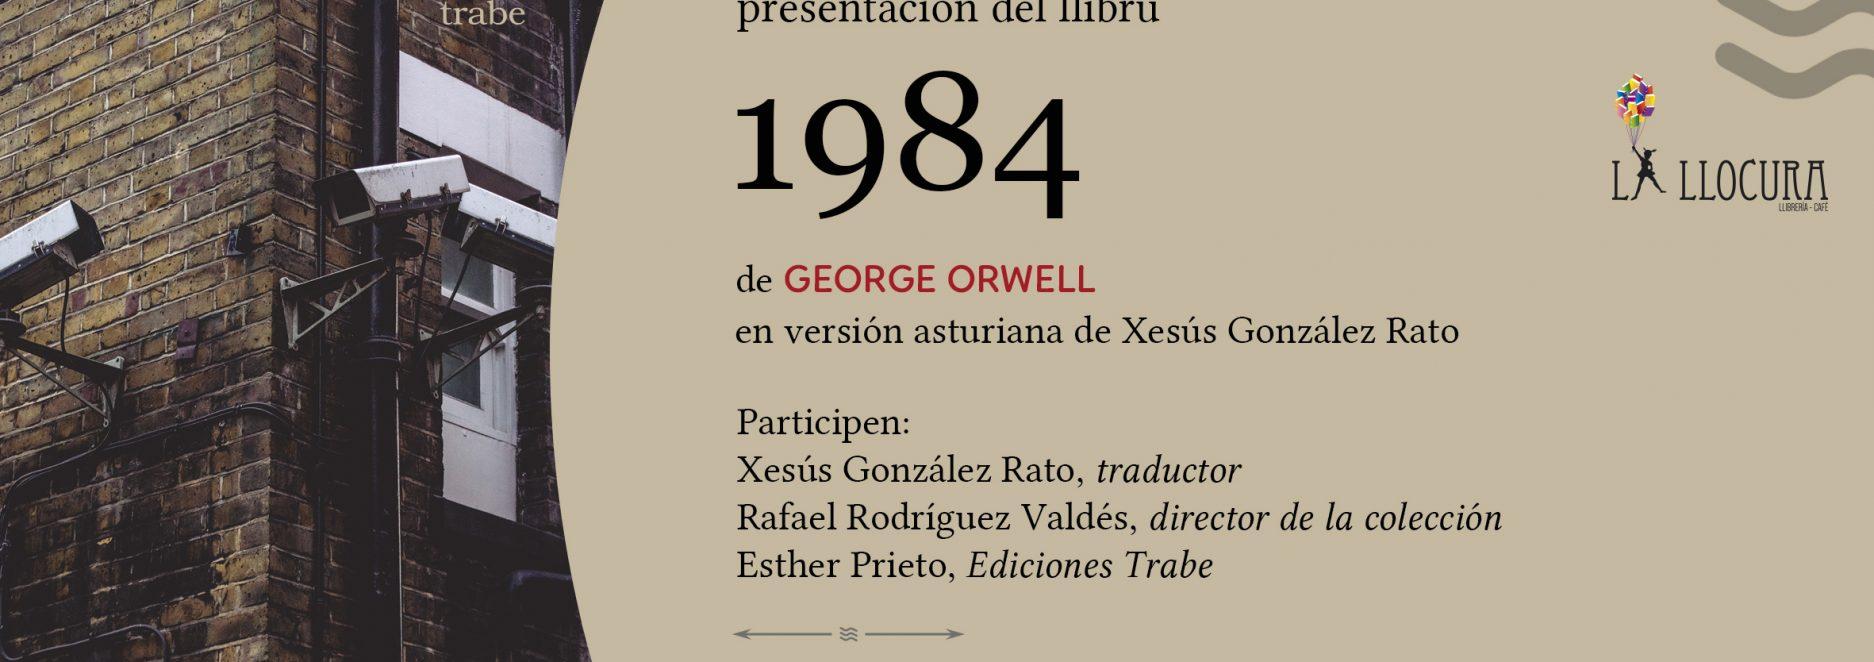 Invitacion-1984-Mieres